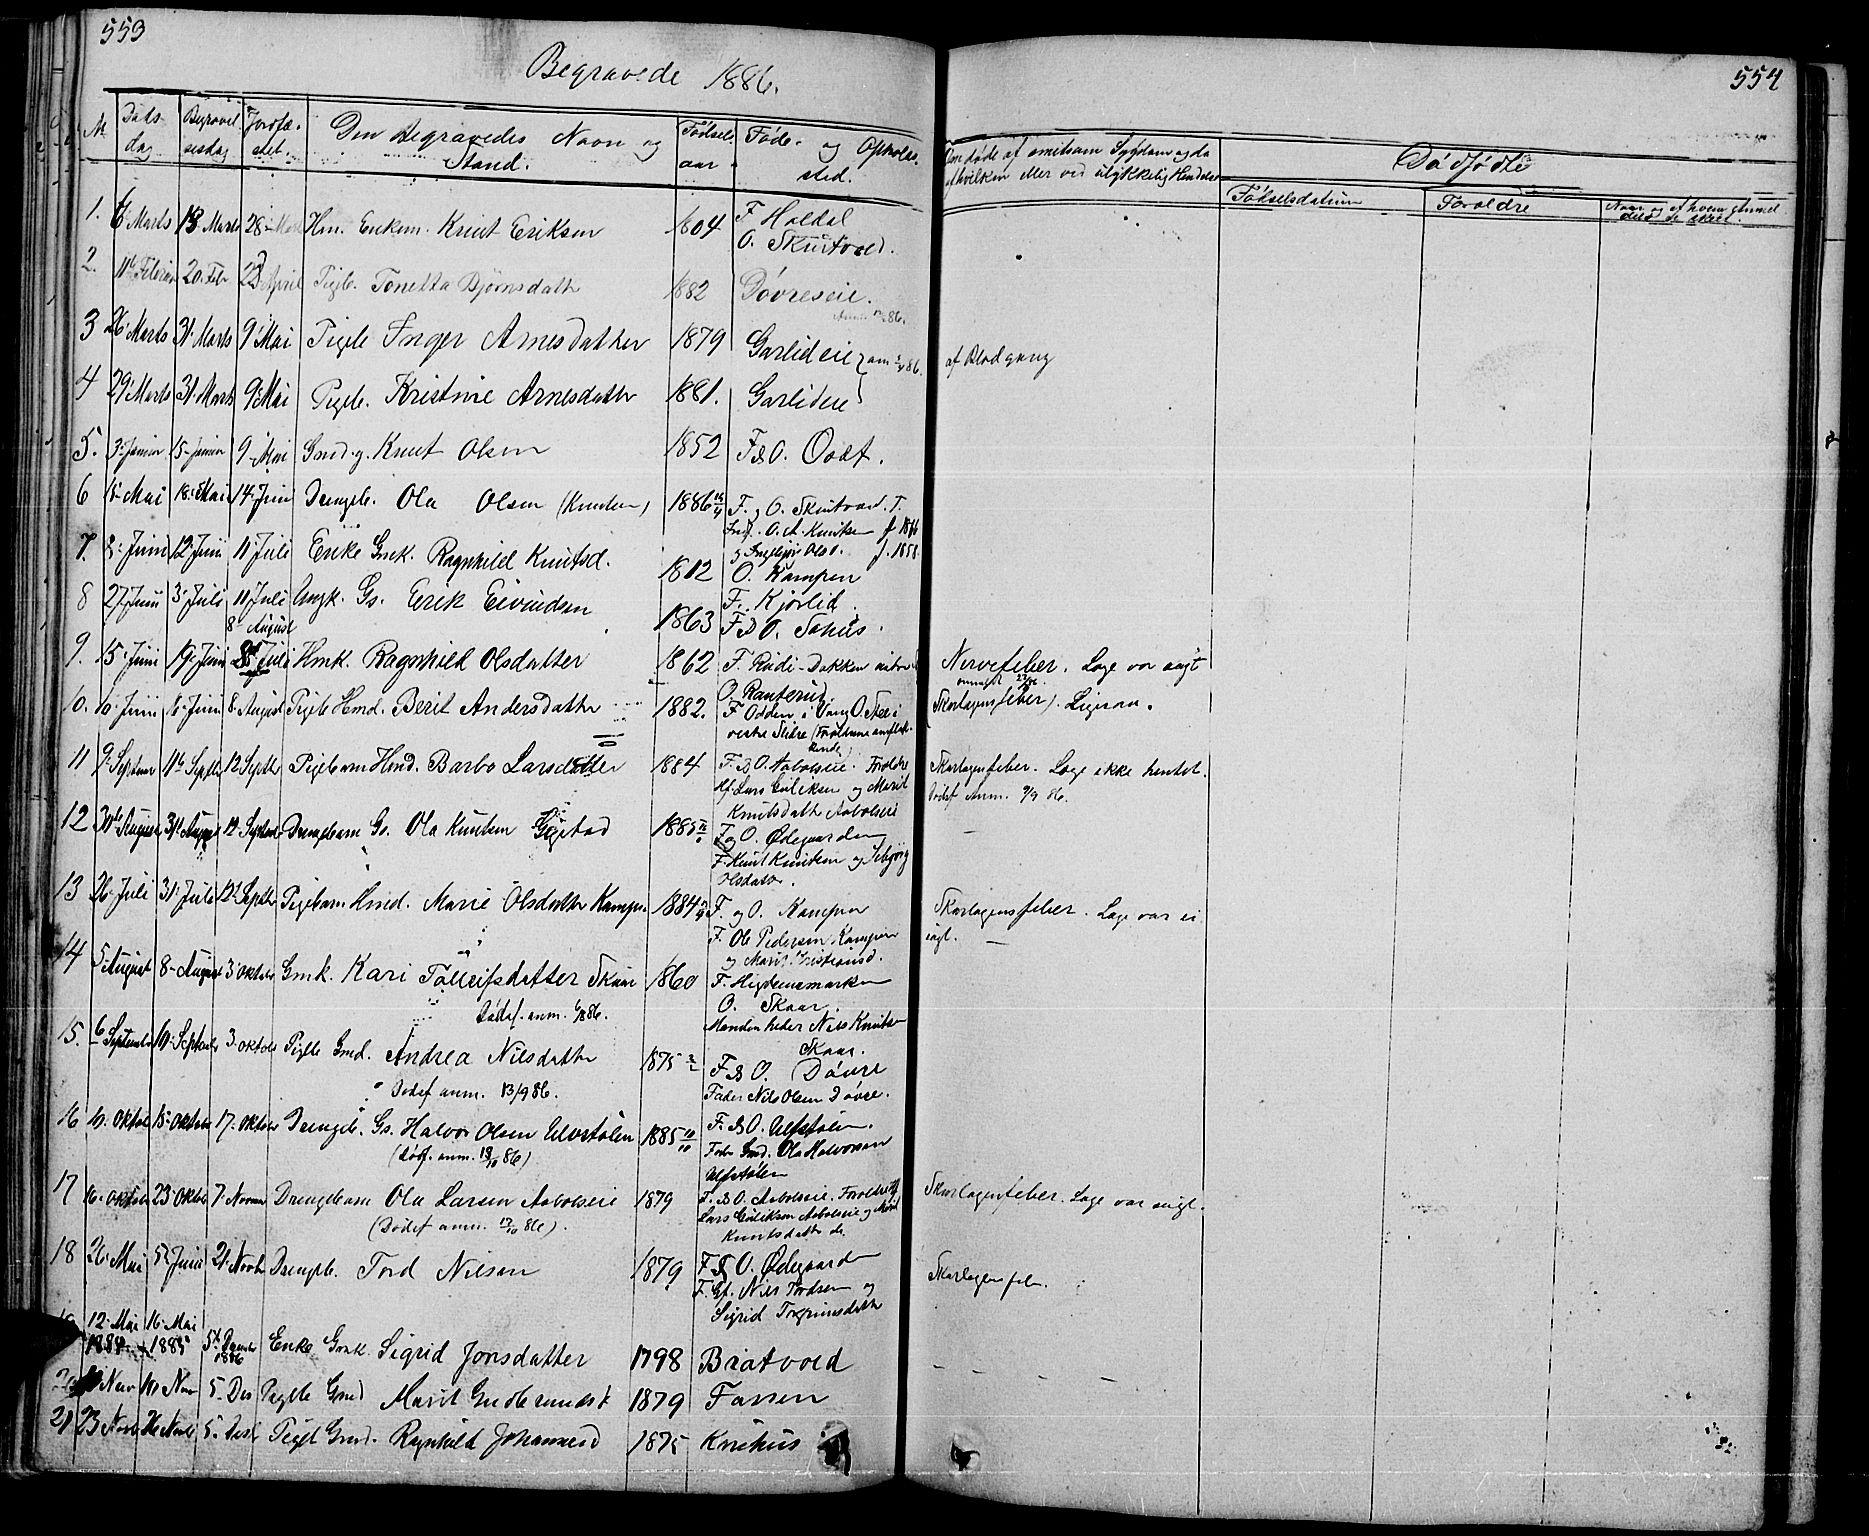 SAH, Nord-Aurdal prestekontor, Klokkerbok nr. 1, 1834-1887, s. 553-554